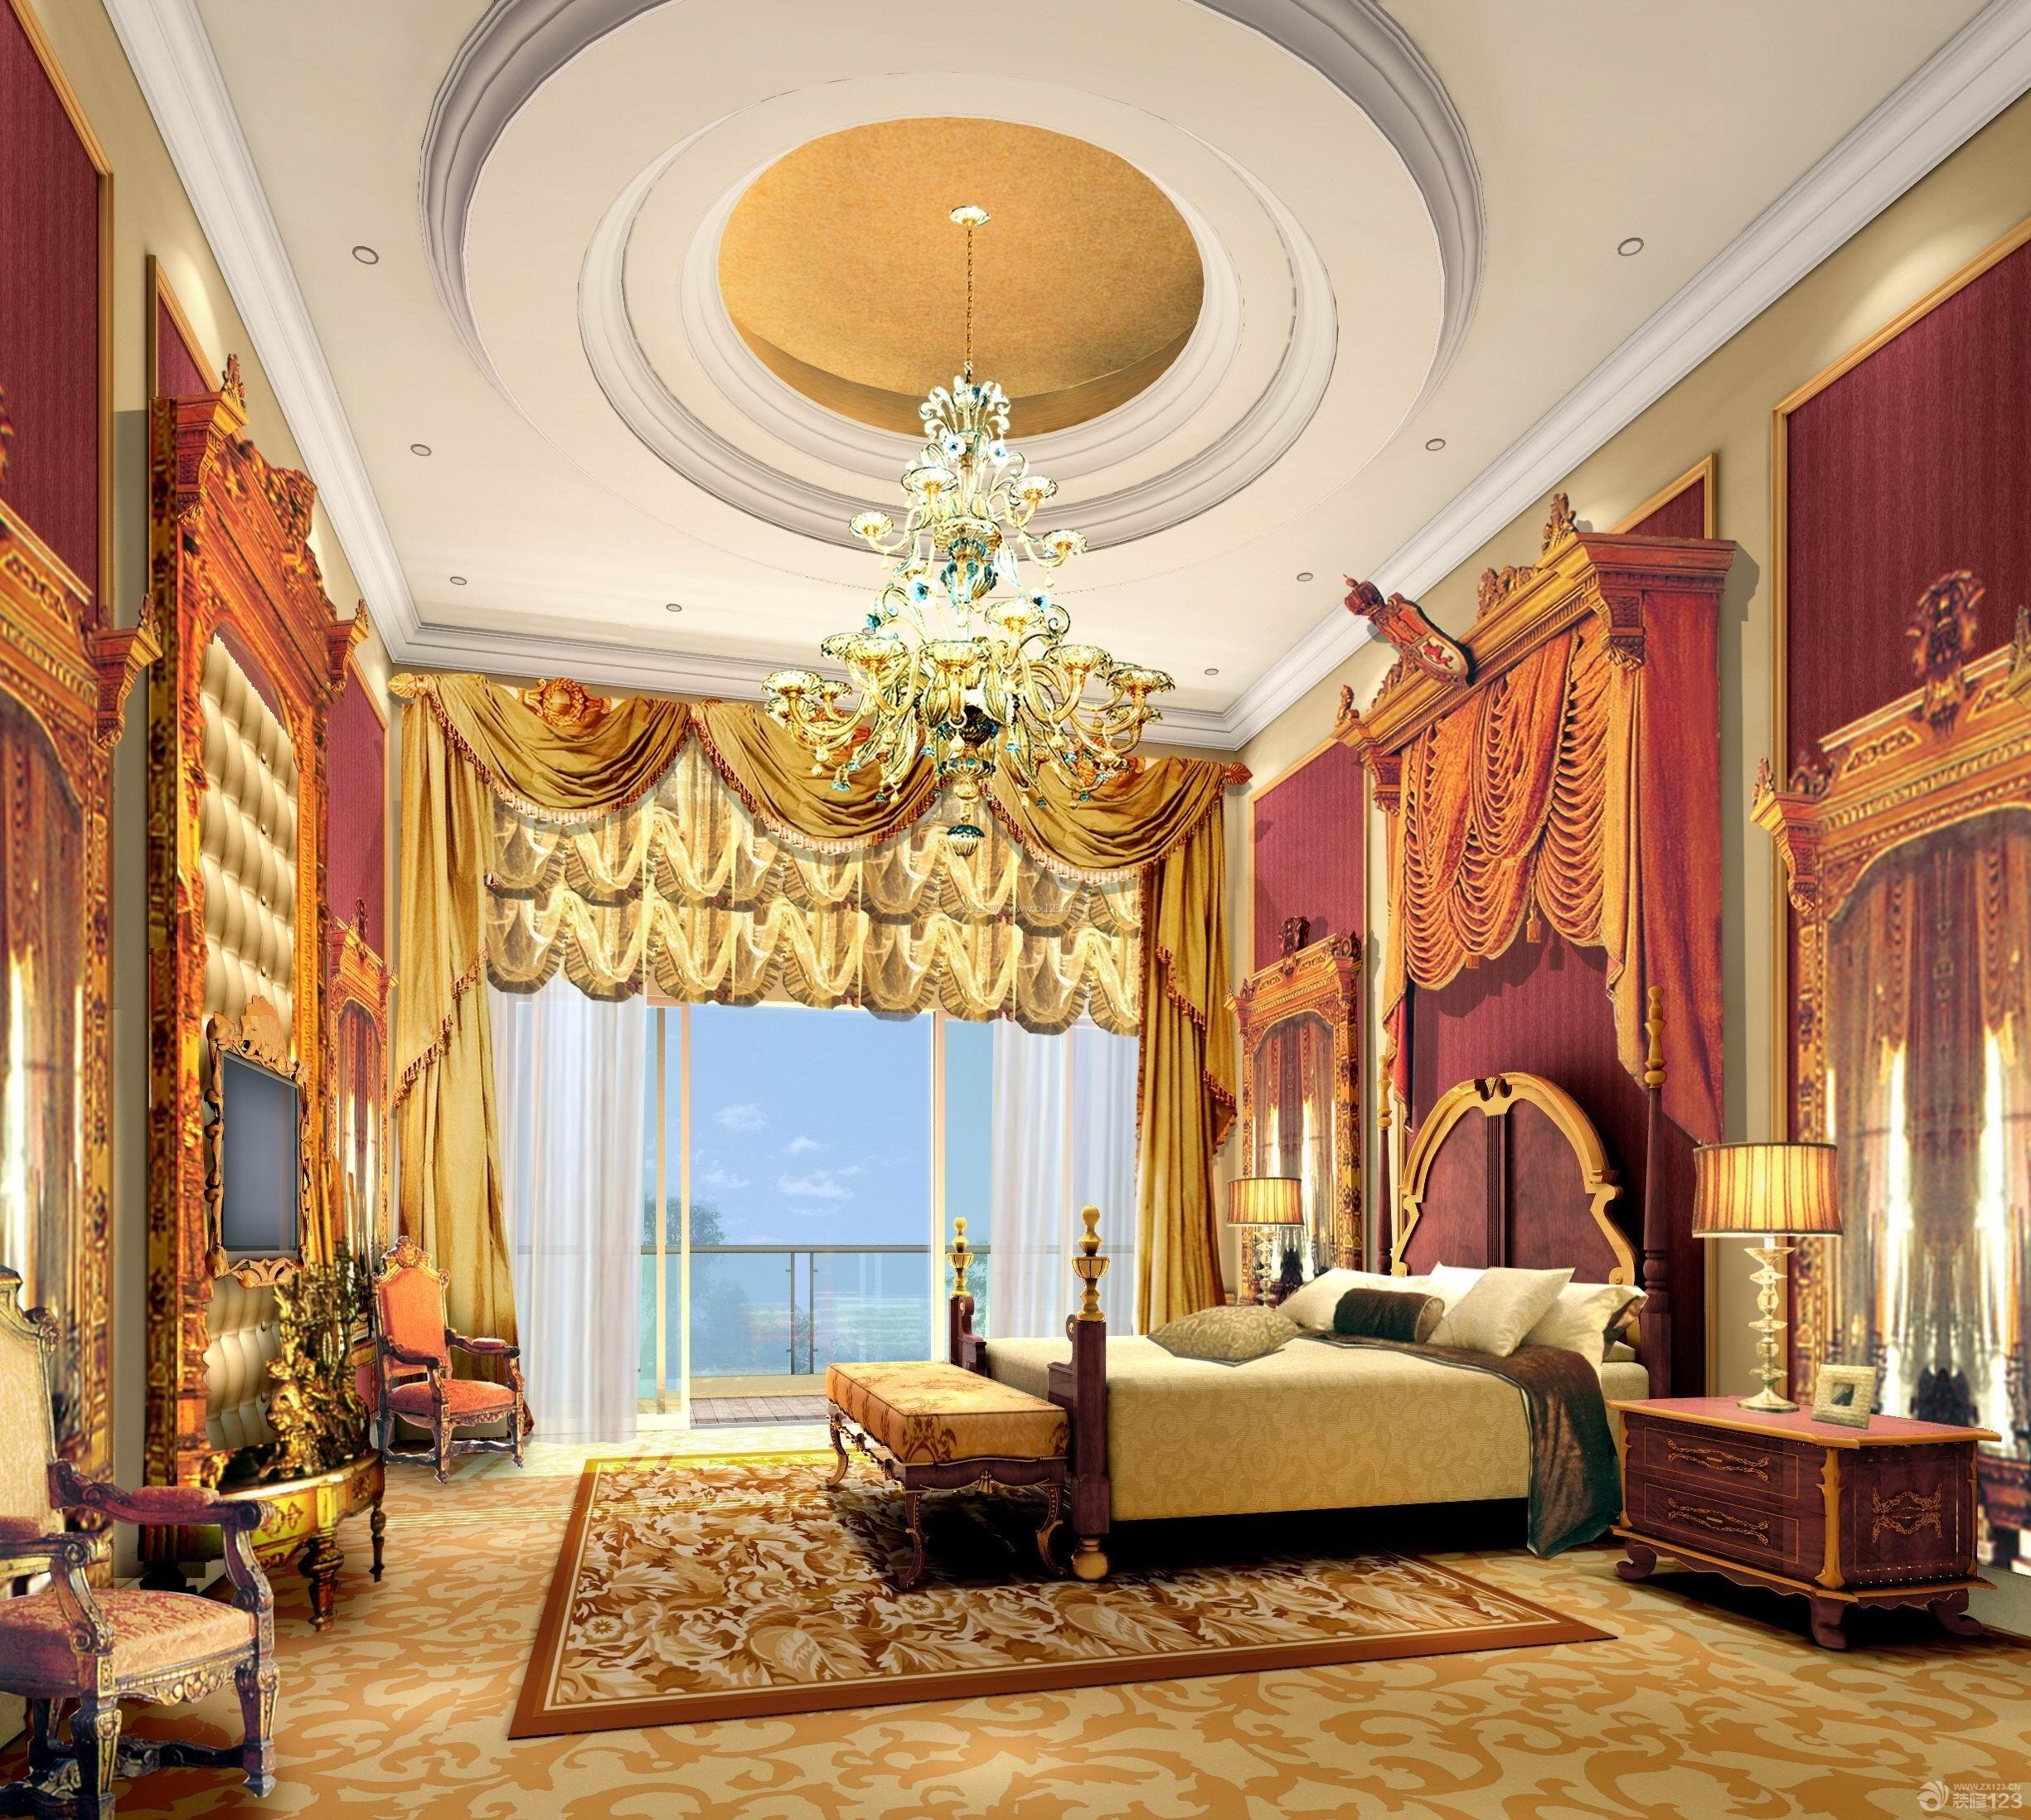 欧式室内装潢豪华别墅大卧室圆形吊顶装修效果图图片